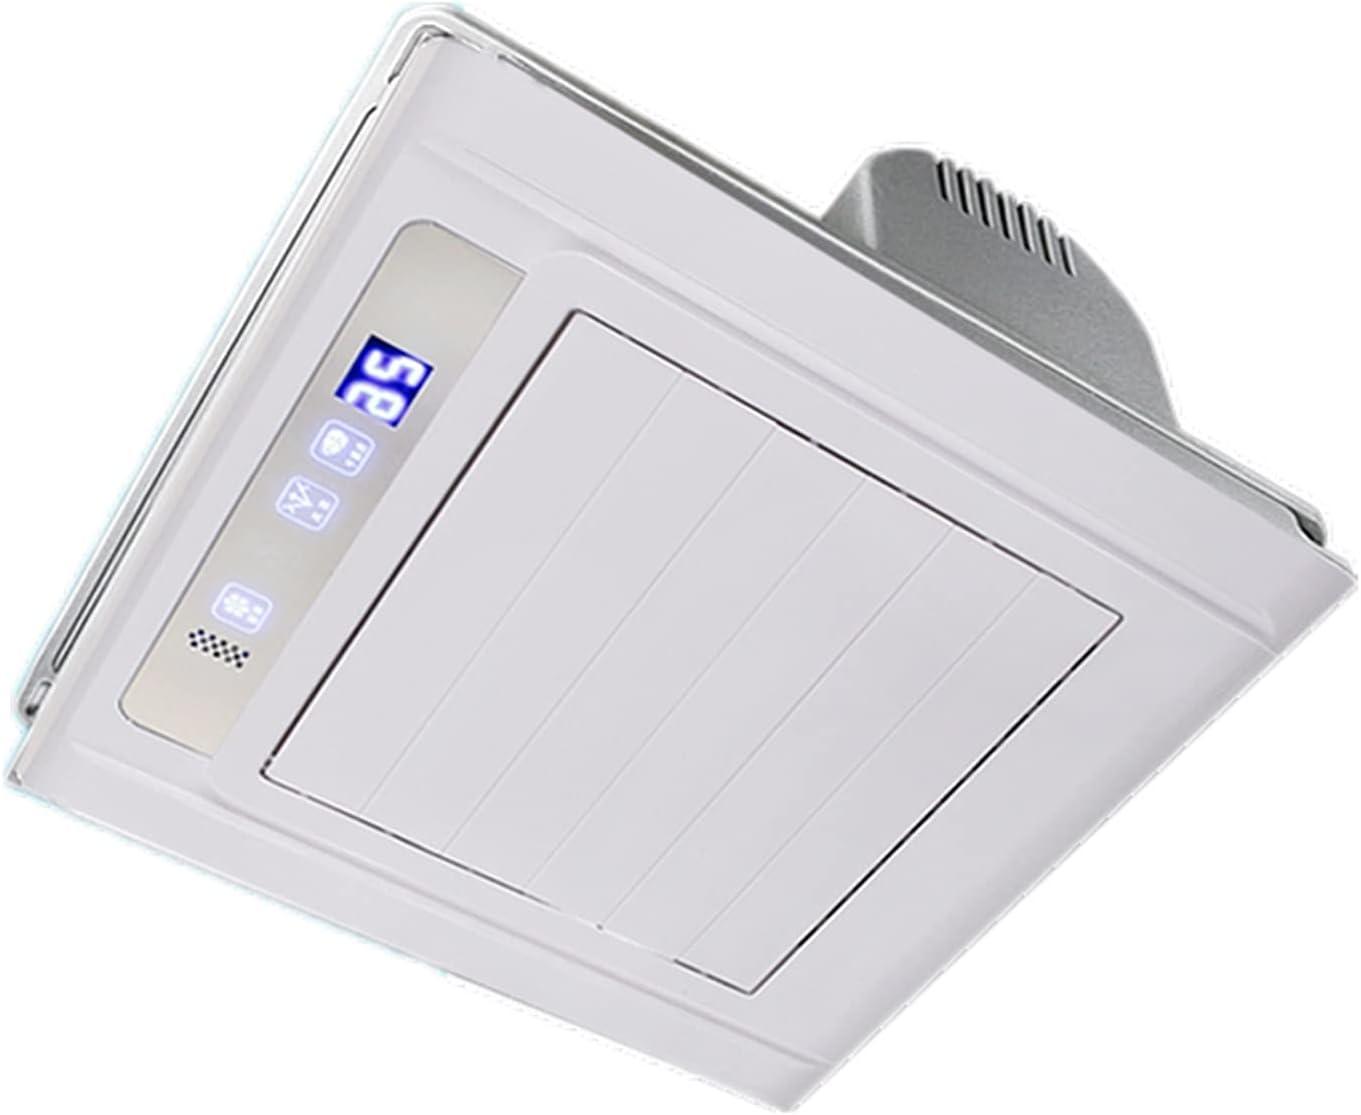 zlw-shop Ventilador de ventilación de Control Remoto Inteligente 30 × 30 cm Ventilador de Escape Integrado con Apagado del Temporizador y función de configuración de 2 velocidades